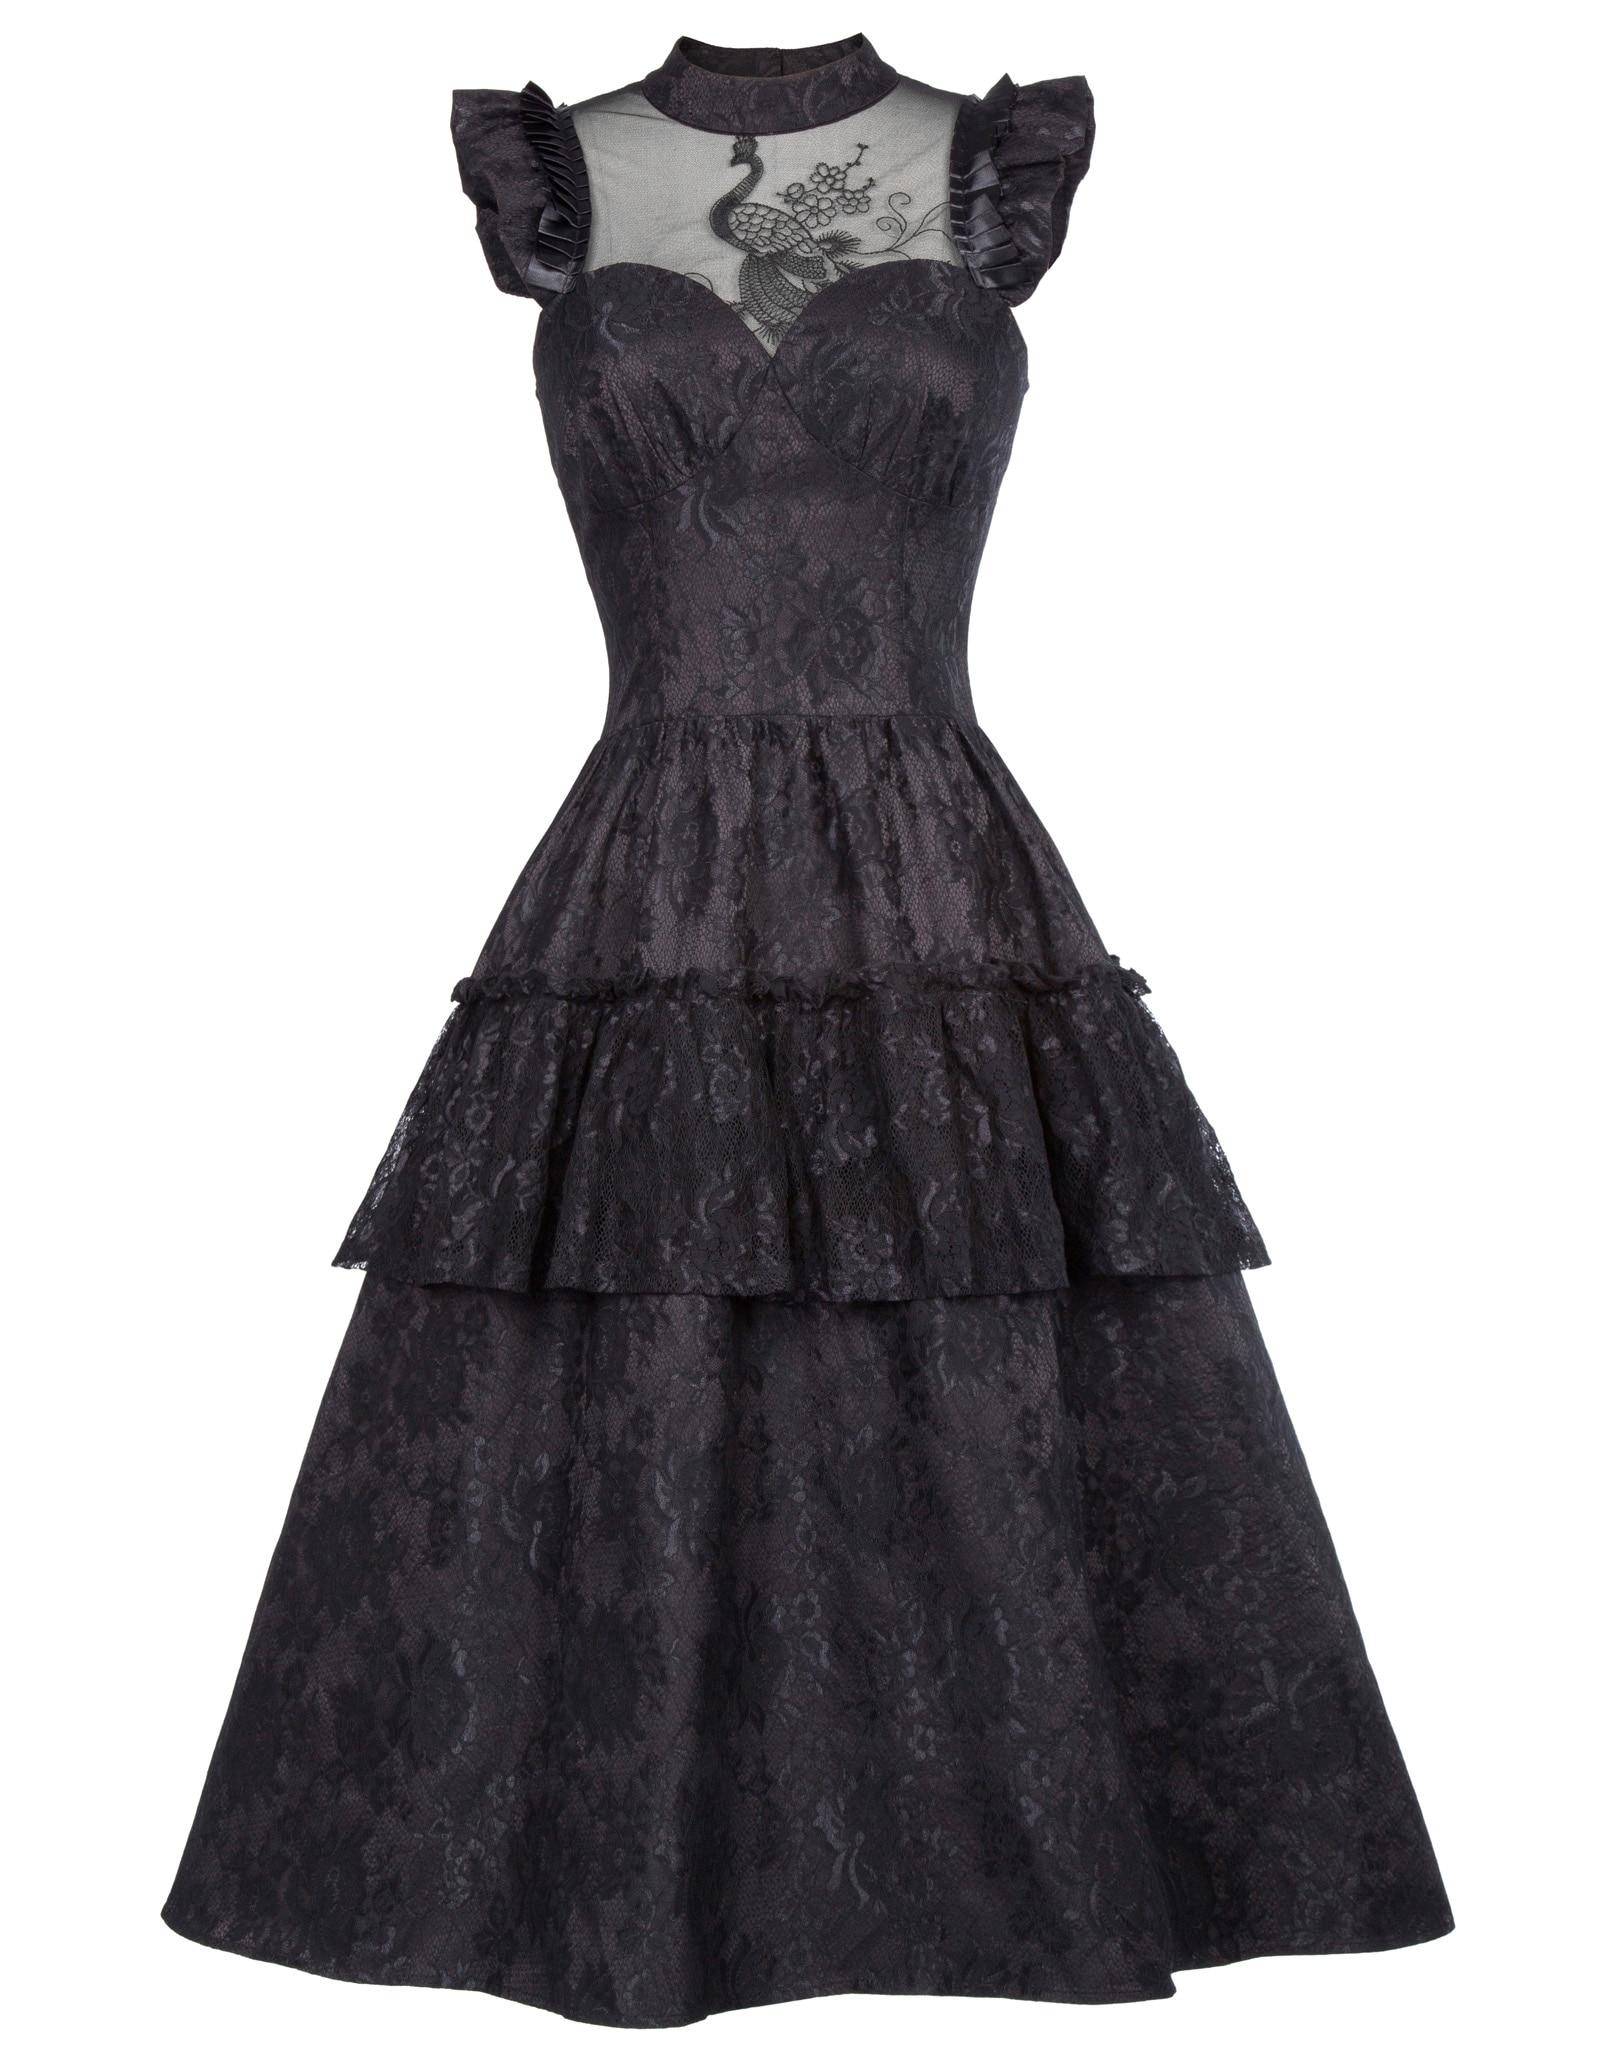 Bp rétro Vintage robe Cap manches col haut transparent corsage dentelle balançoire robe noir